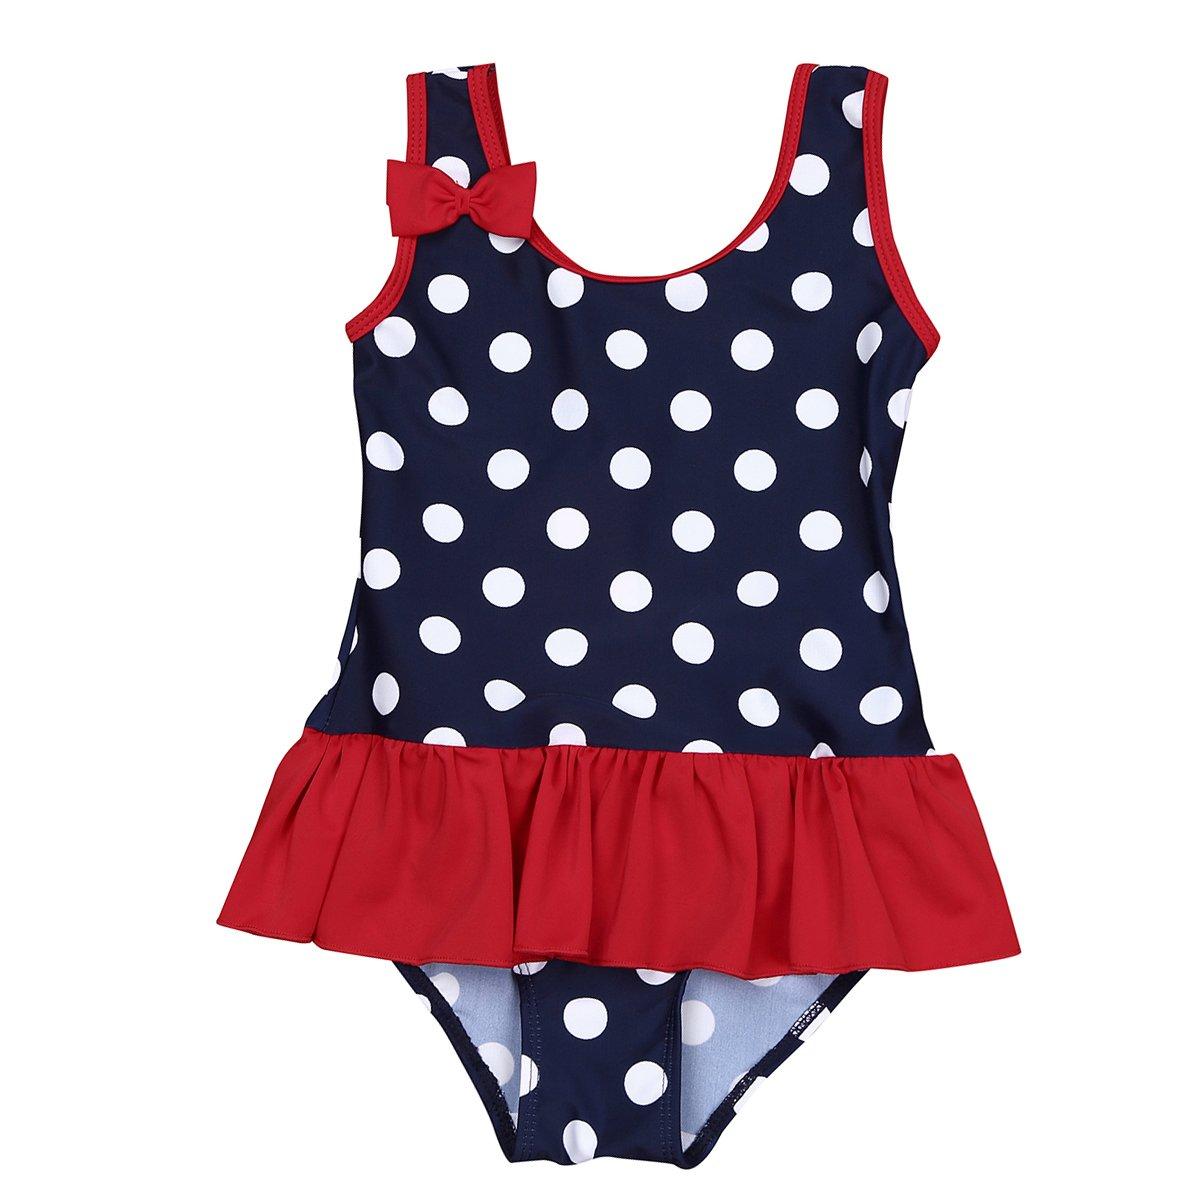 CHICTRY Newborn Baby Girls Toddler Cute Polka Dots One Piece Ruffle Skirted Swimsuit Swimwear